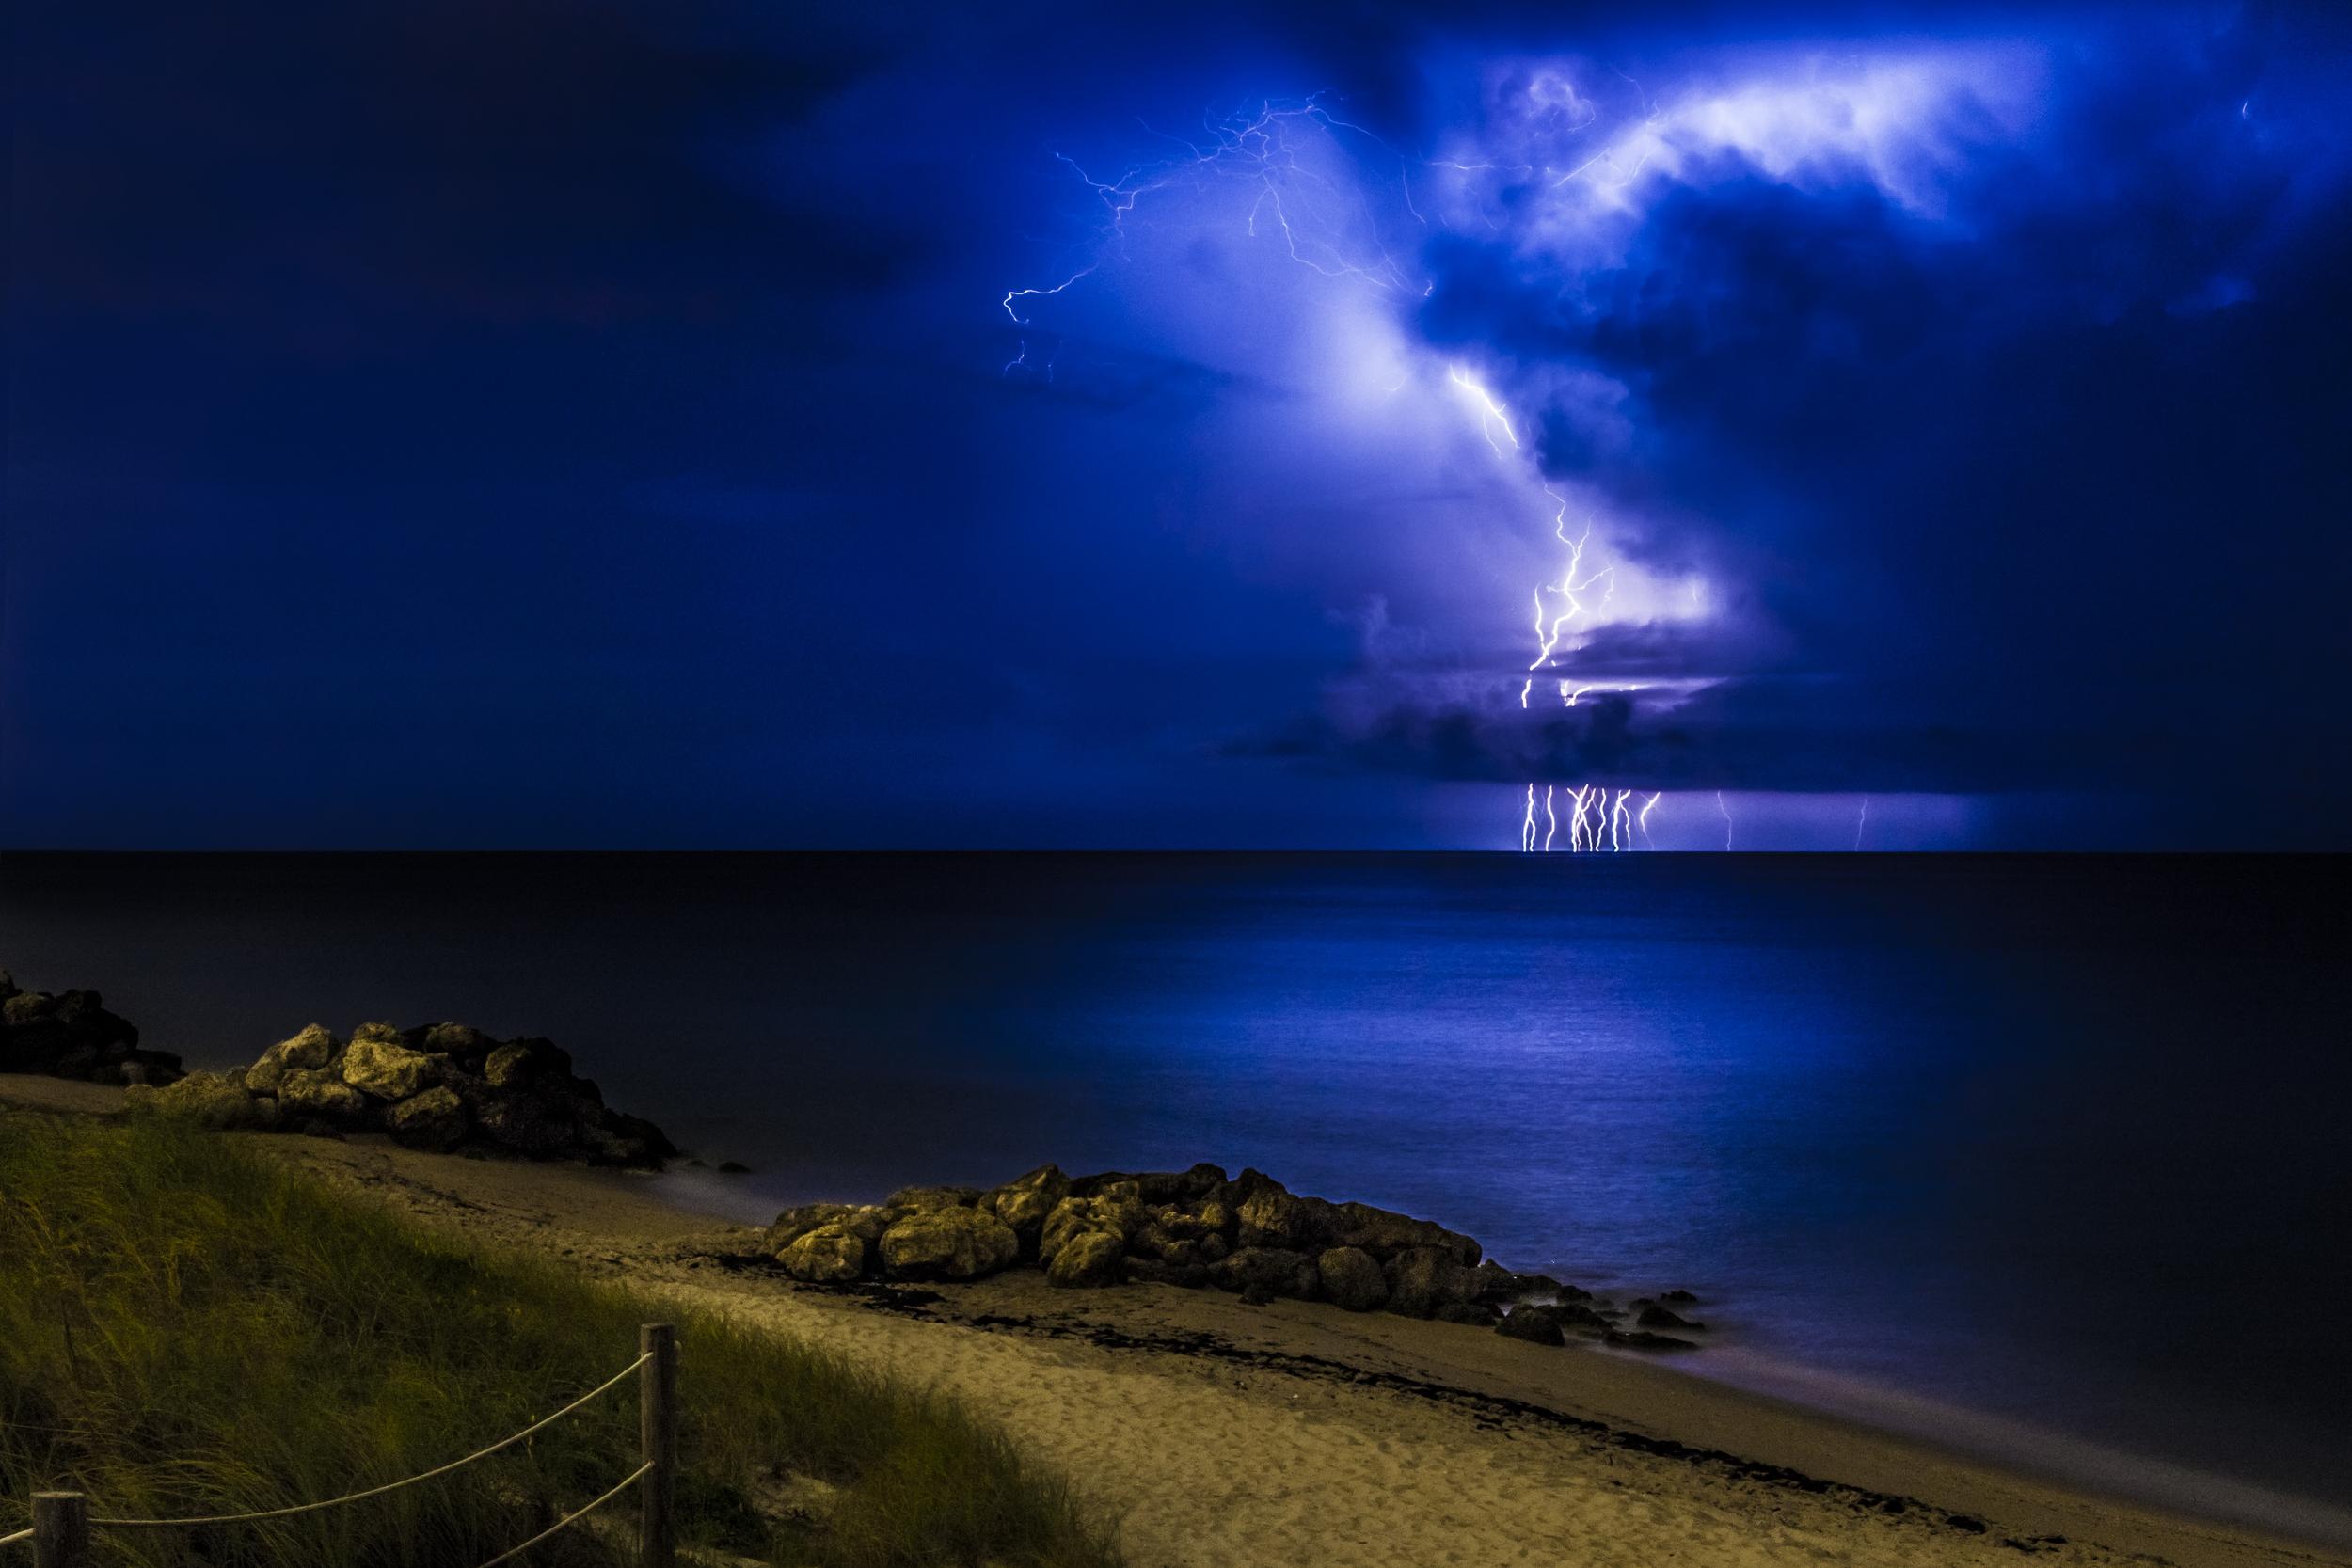 stormflalg.jpg